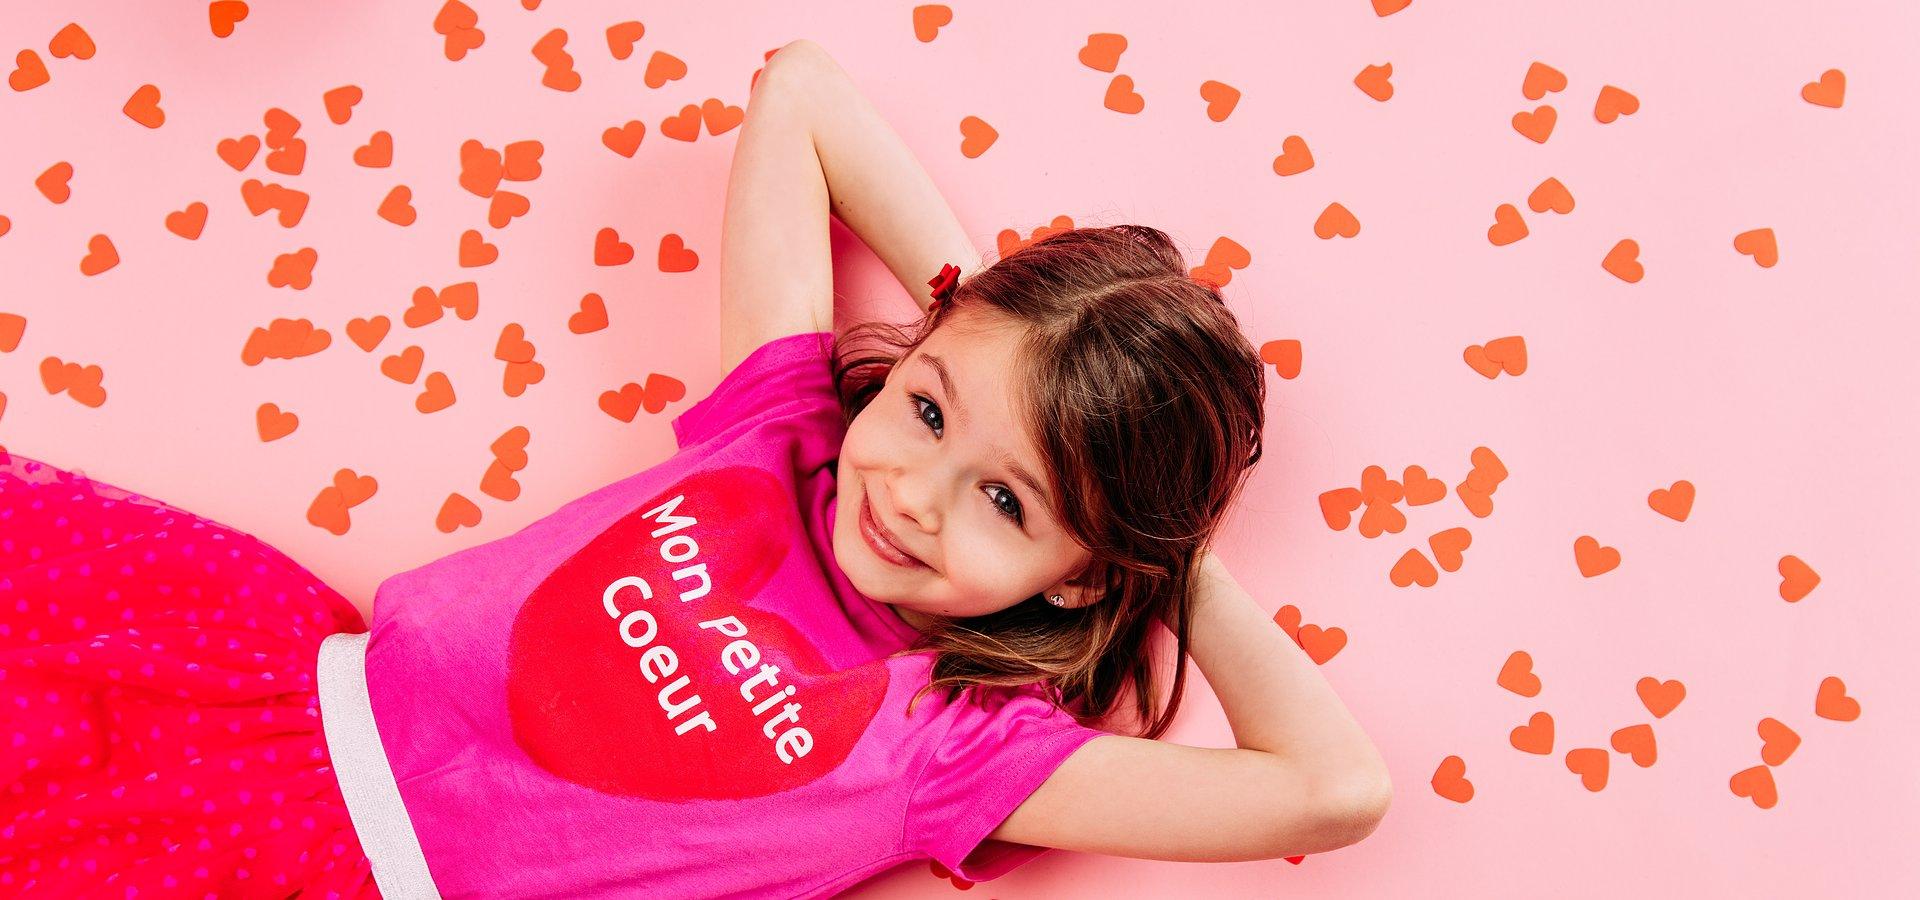 Walentynki 2021 - kolekcja COOL CLUB i SMIKI